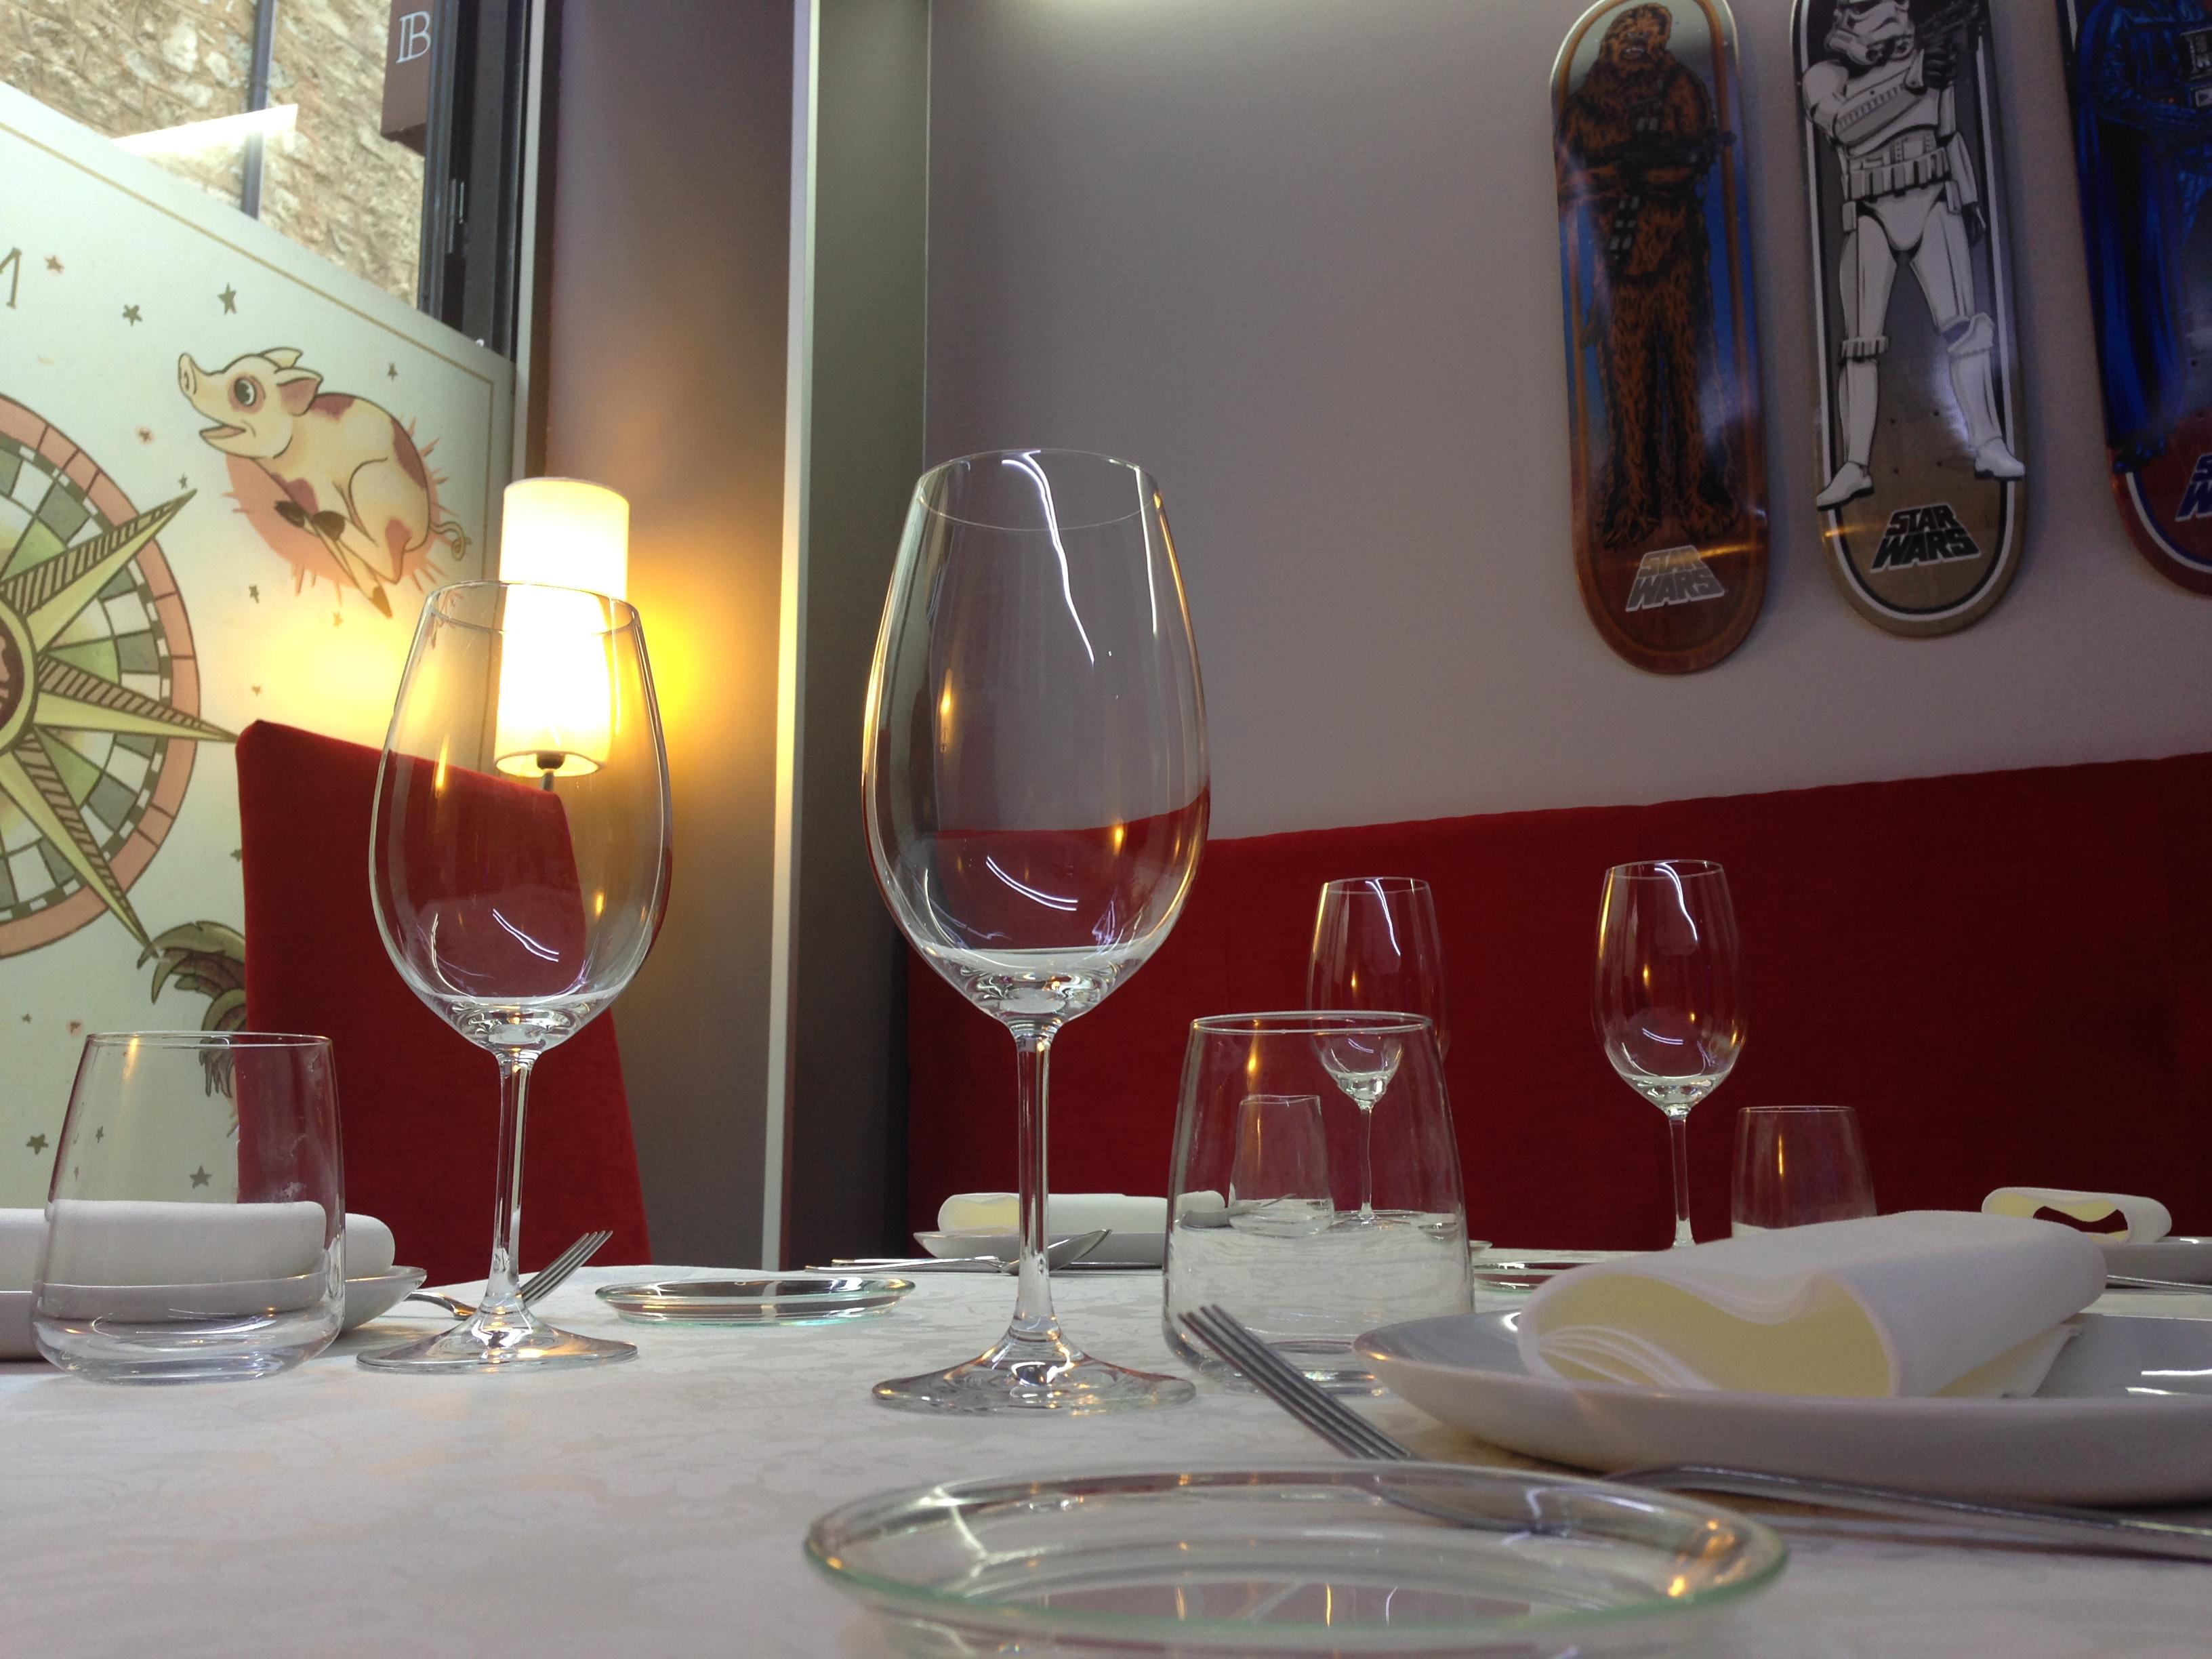 Restaurante Tatau Bistro de Tonino Valiente, estrella Michelin